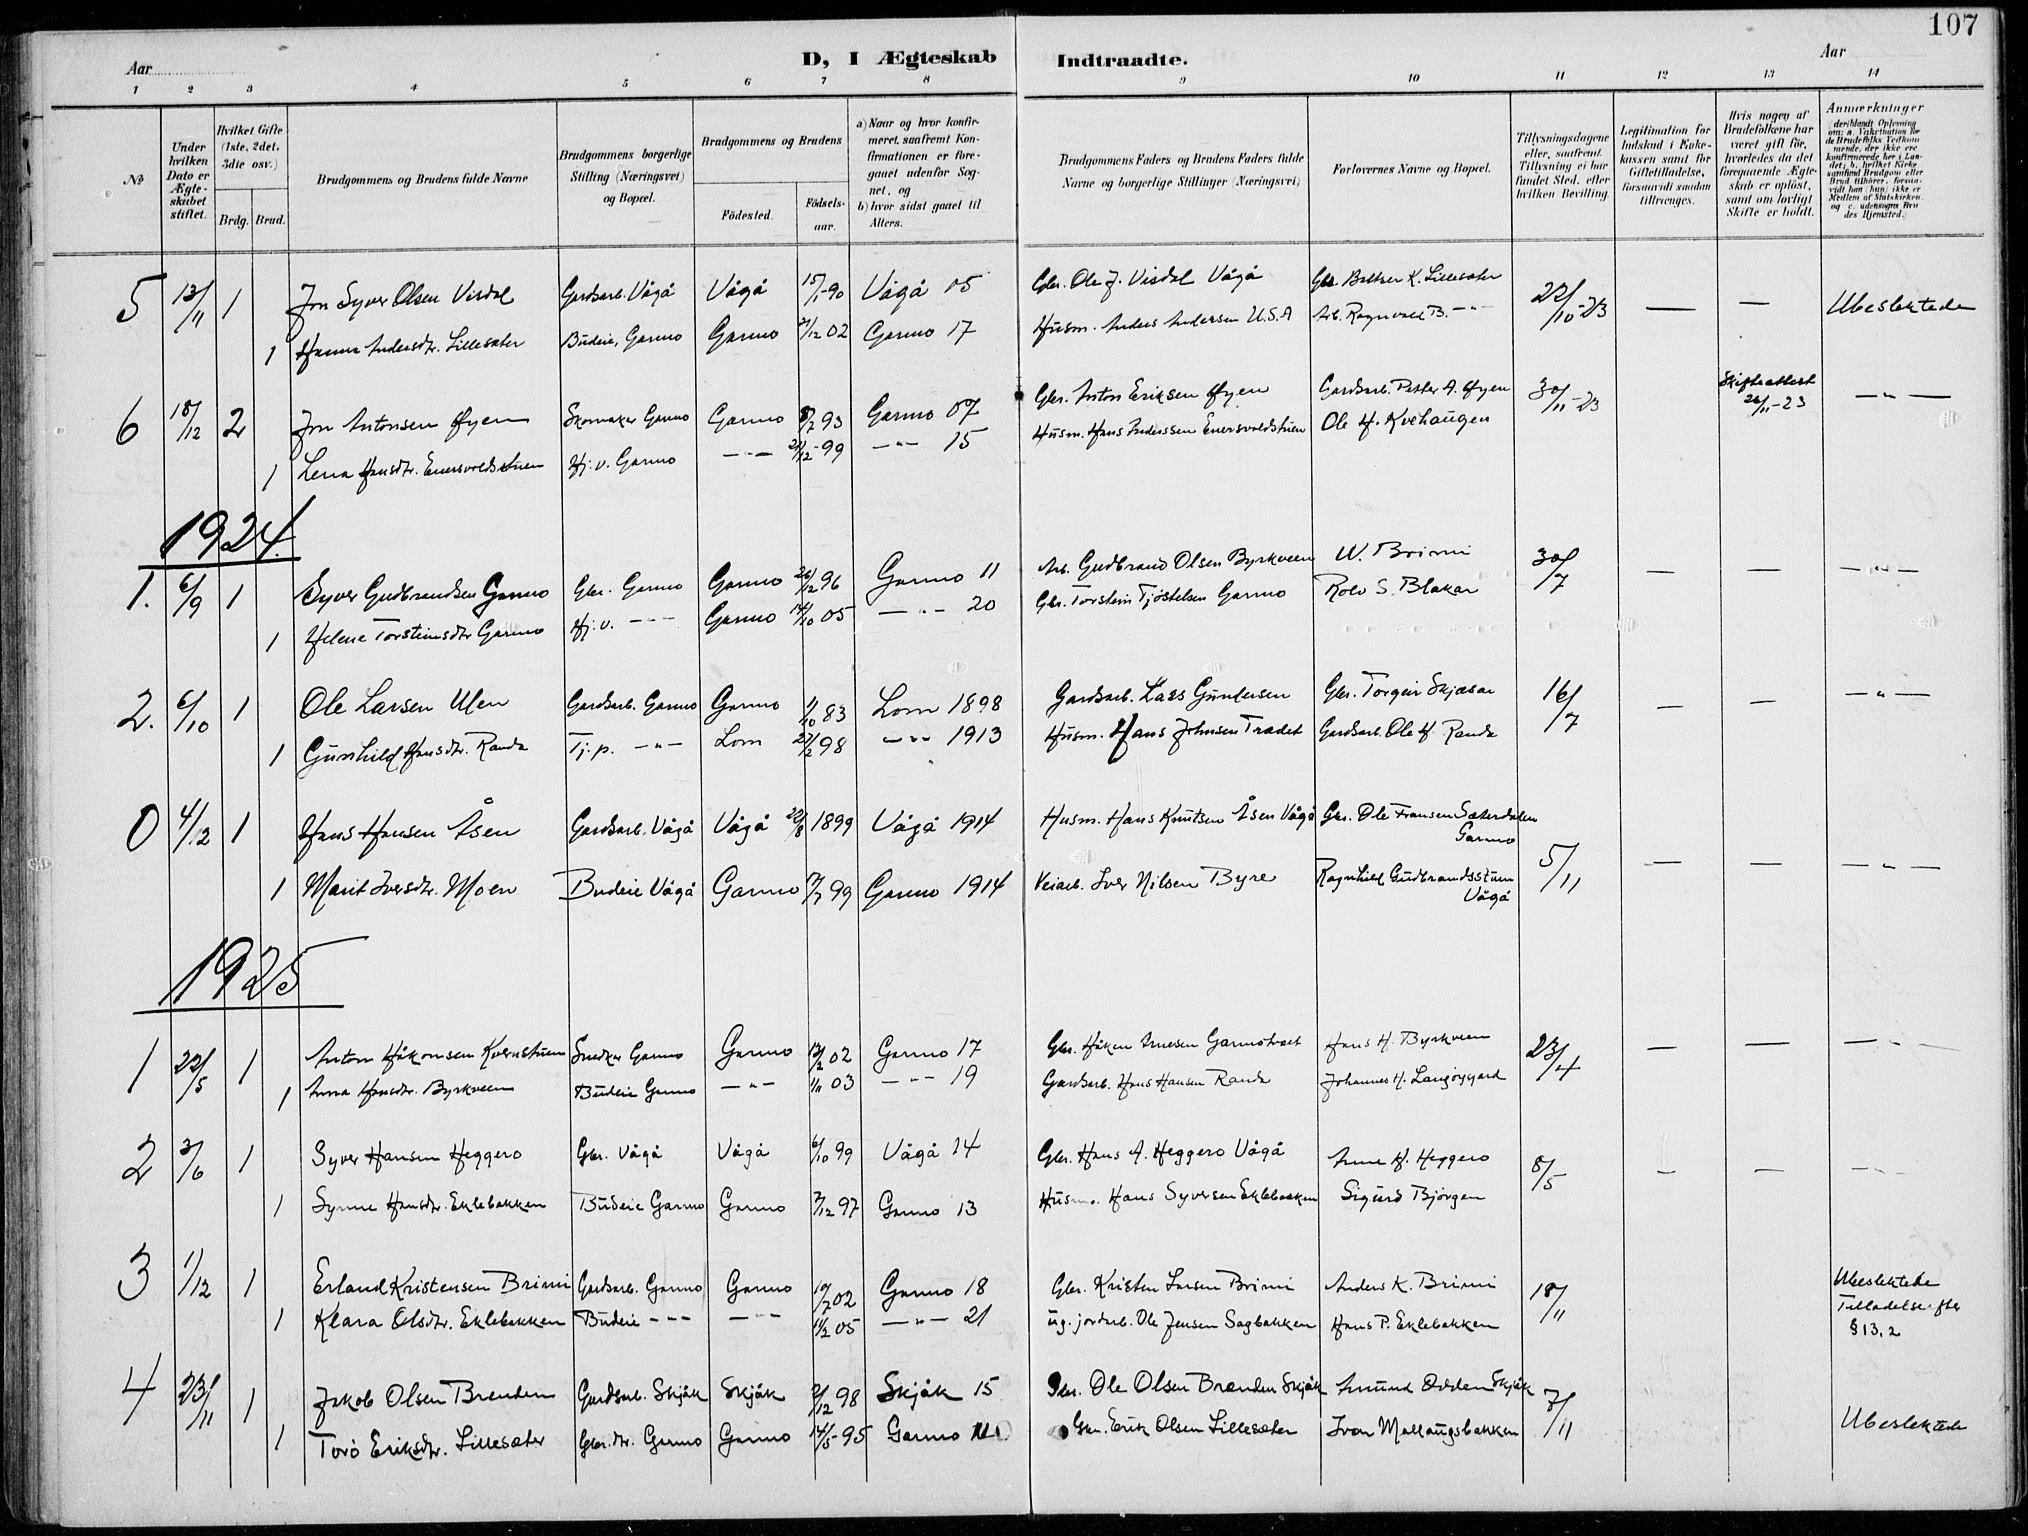 SAH, Lom prestekontor, L/L0006: Klokkerbok nr. 6, 1901-1939, s. 107